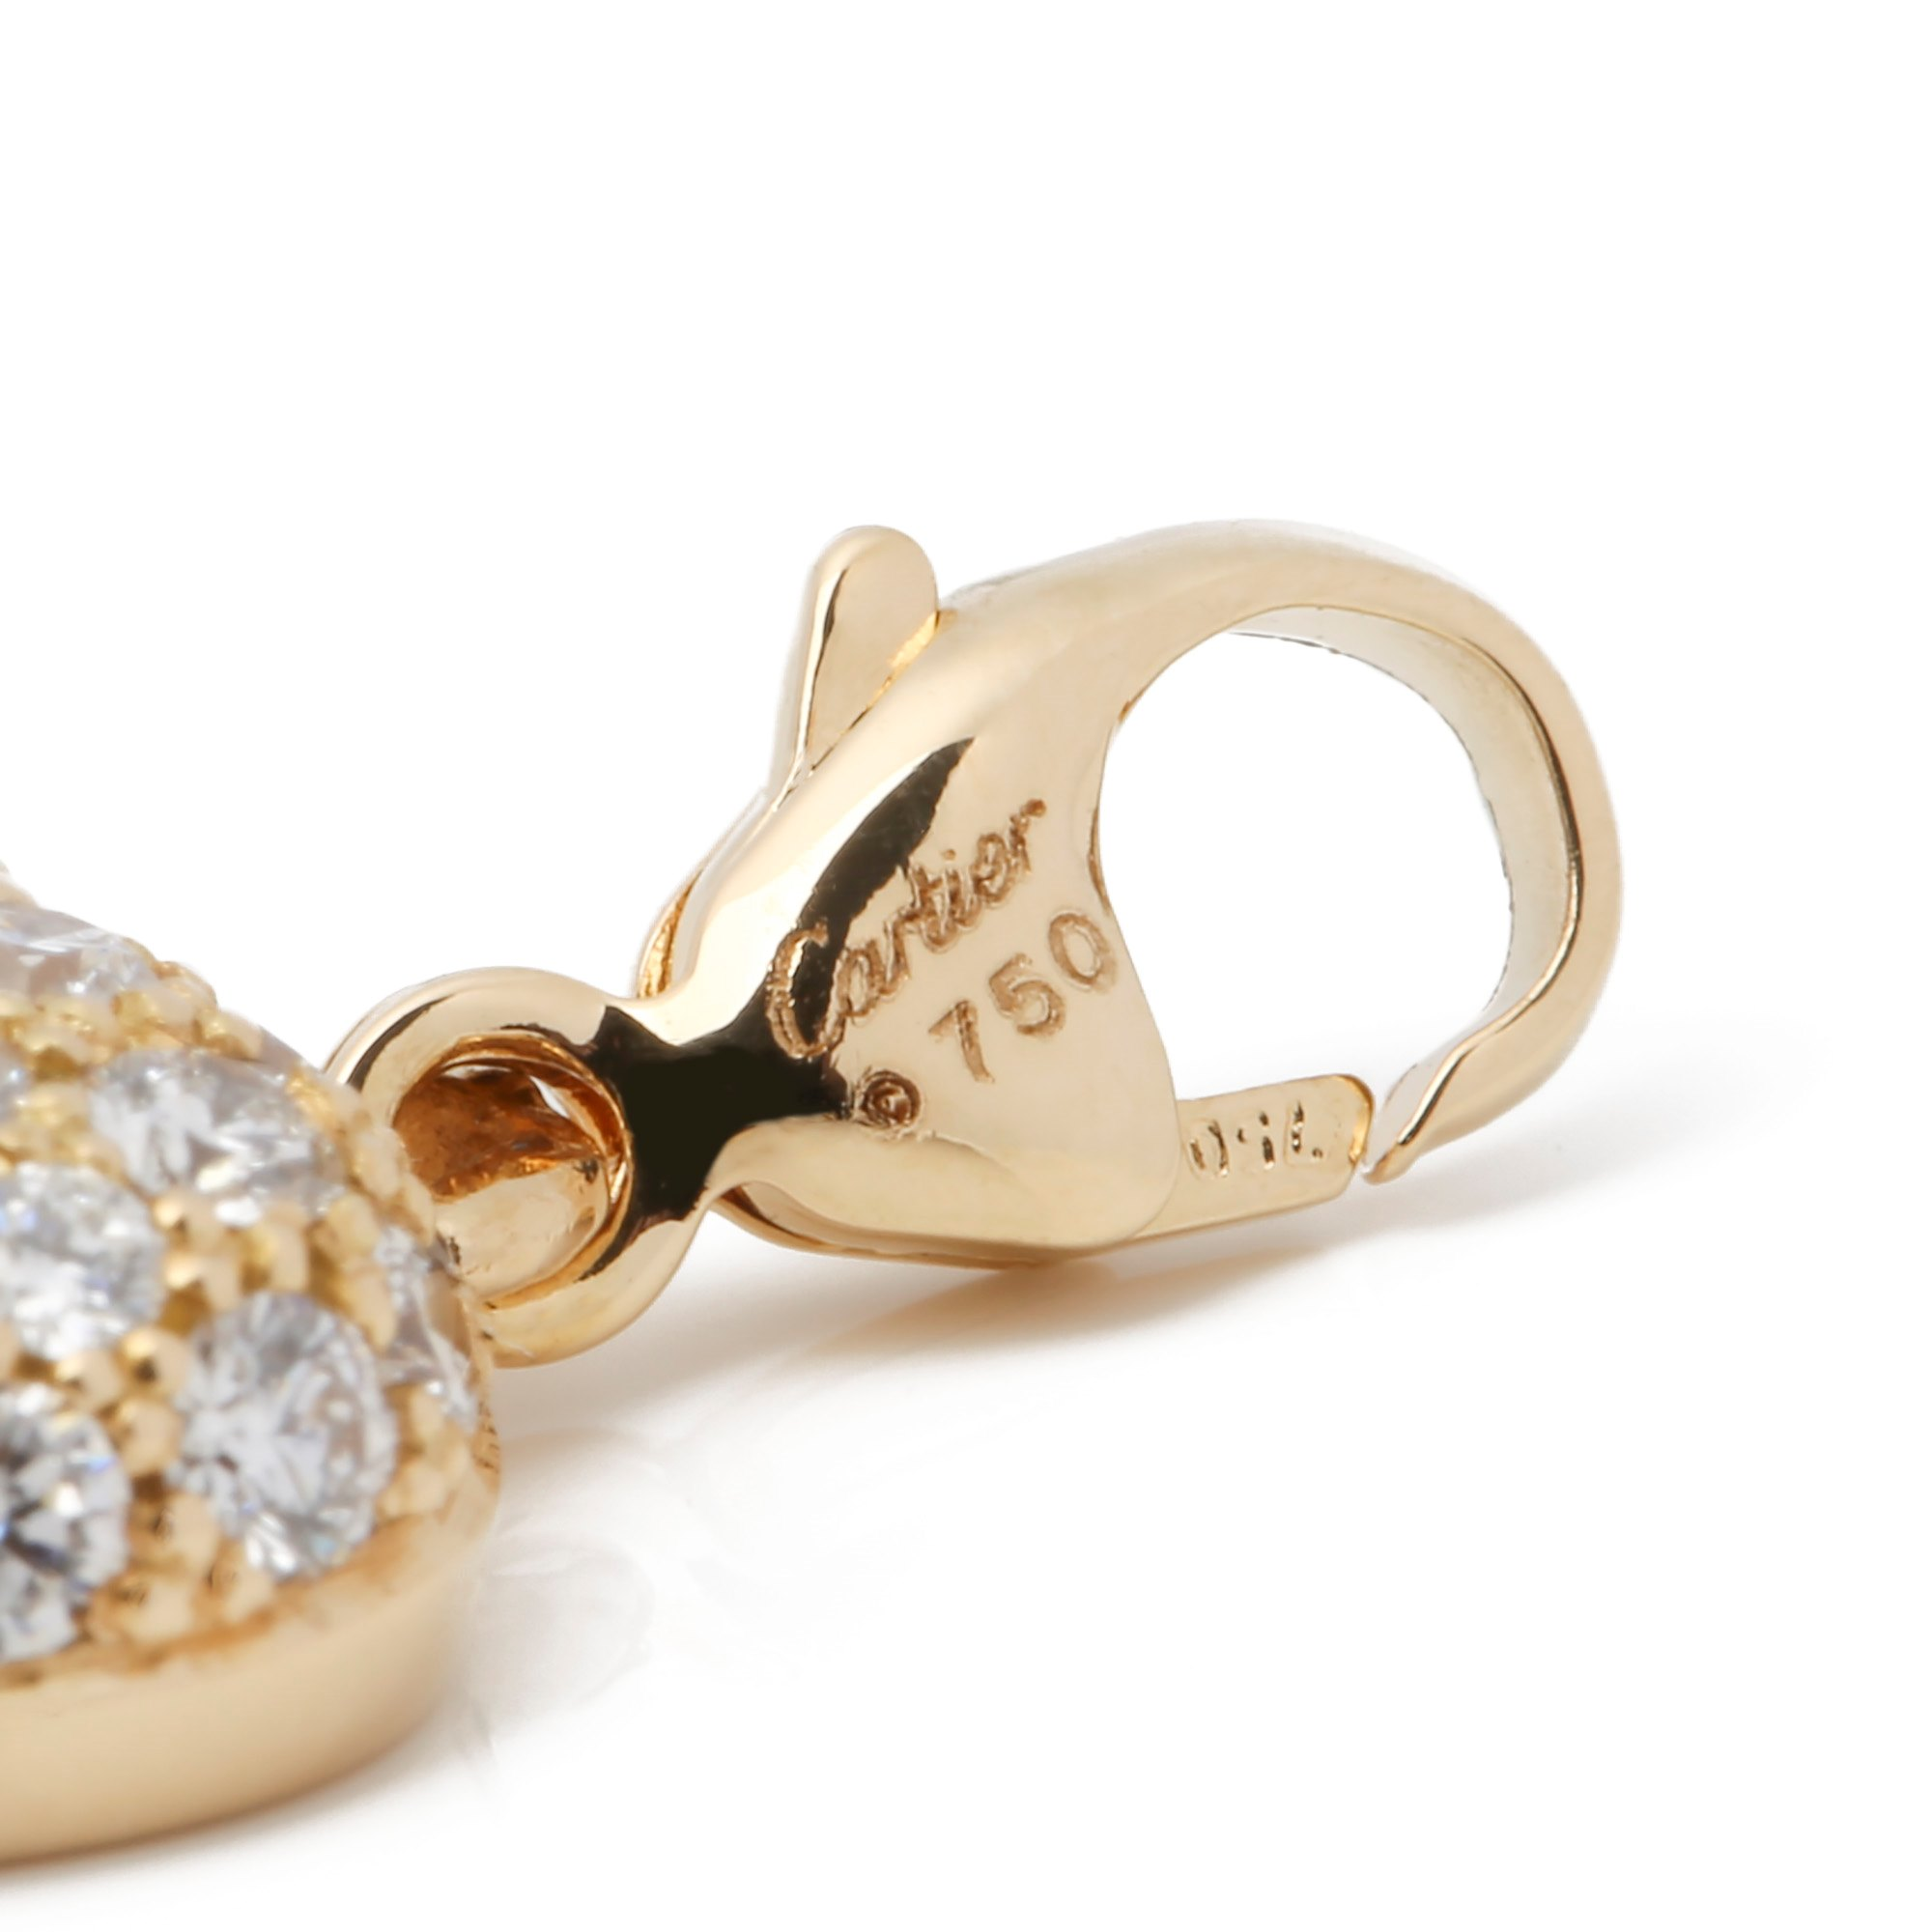 Cartier Pave Diamond Heart Charm Pendant